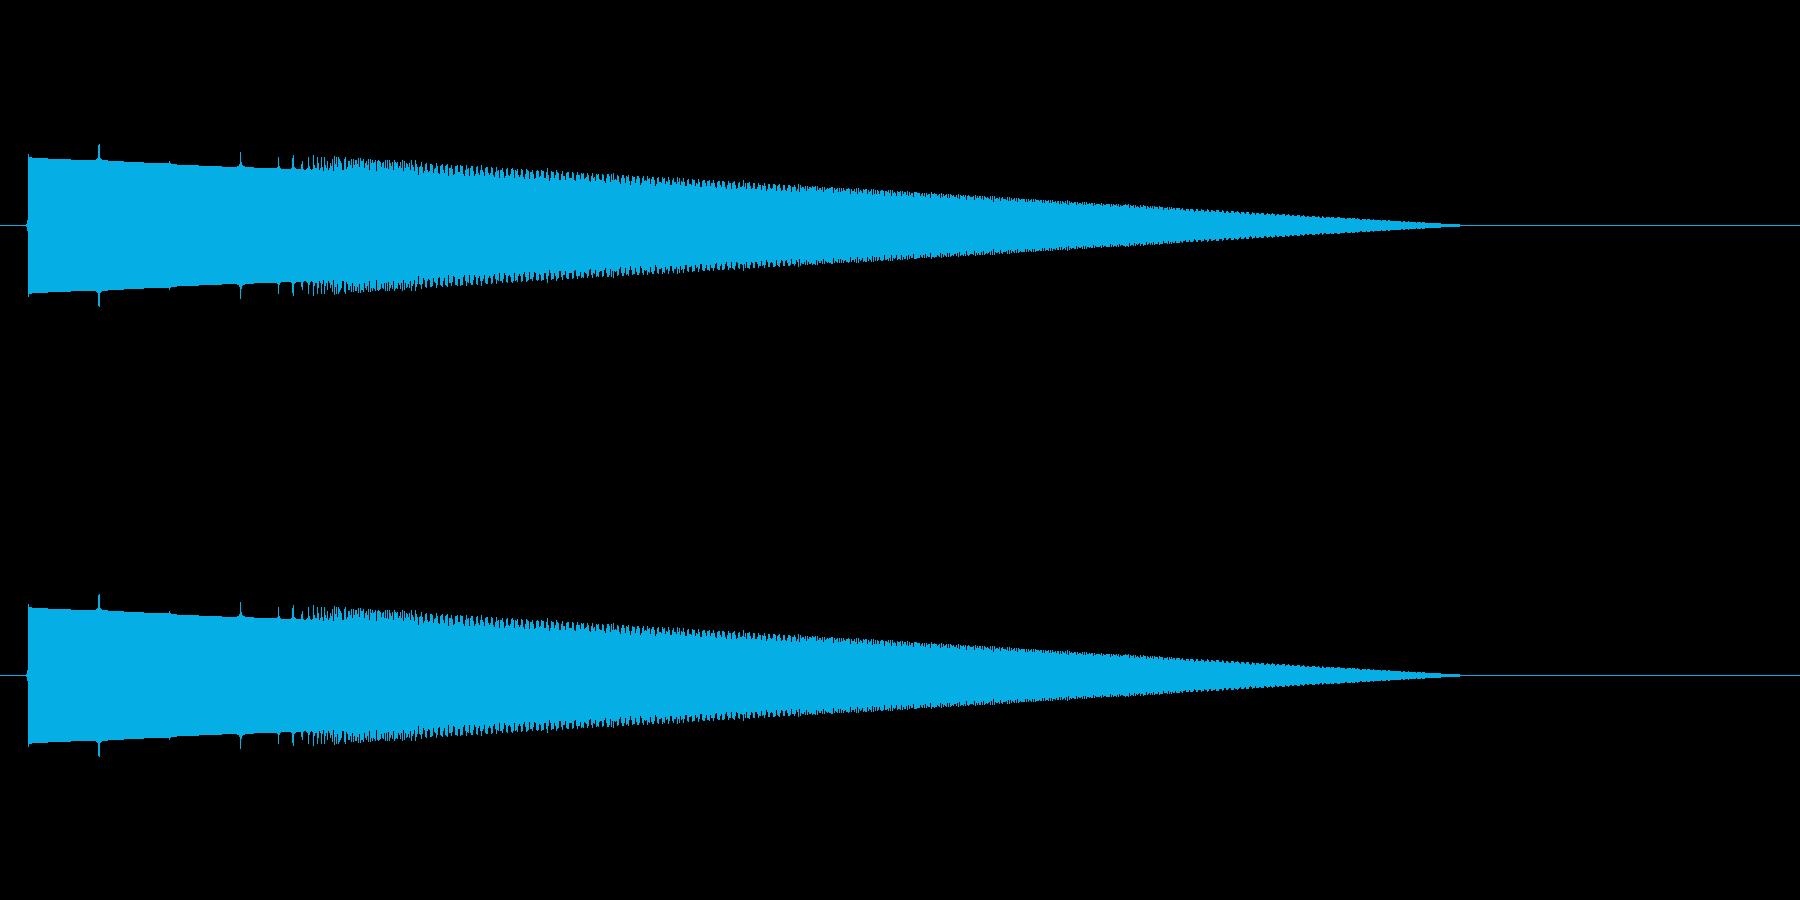 レトロゲーム風ヒット音1の再生済みの波形